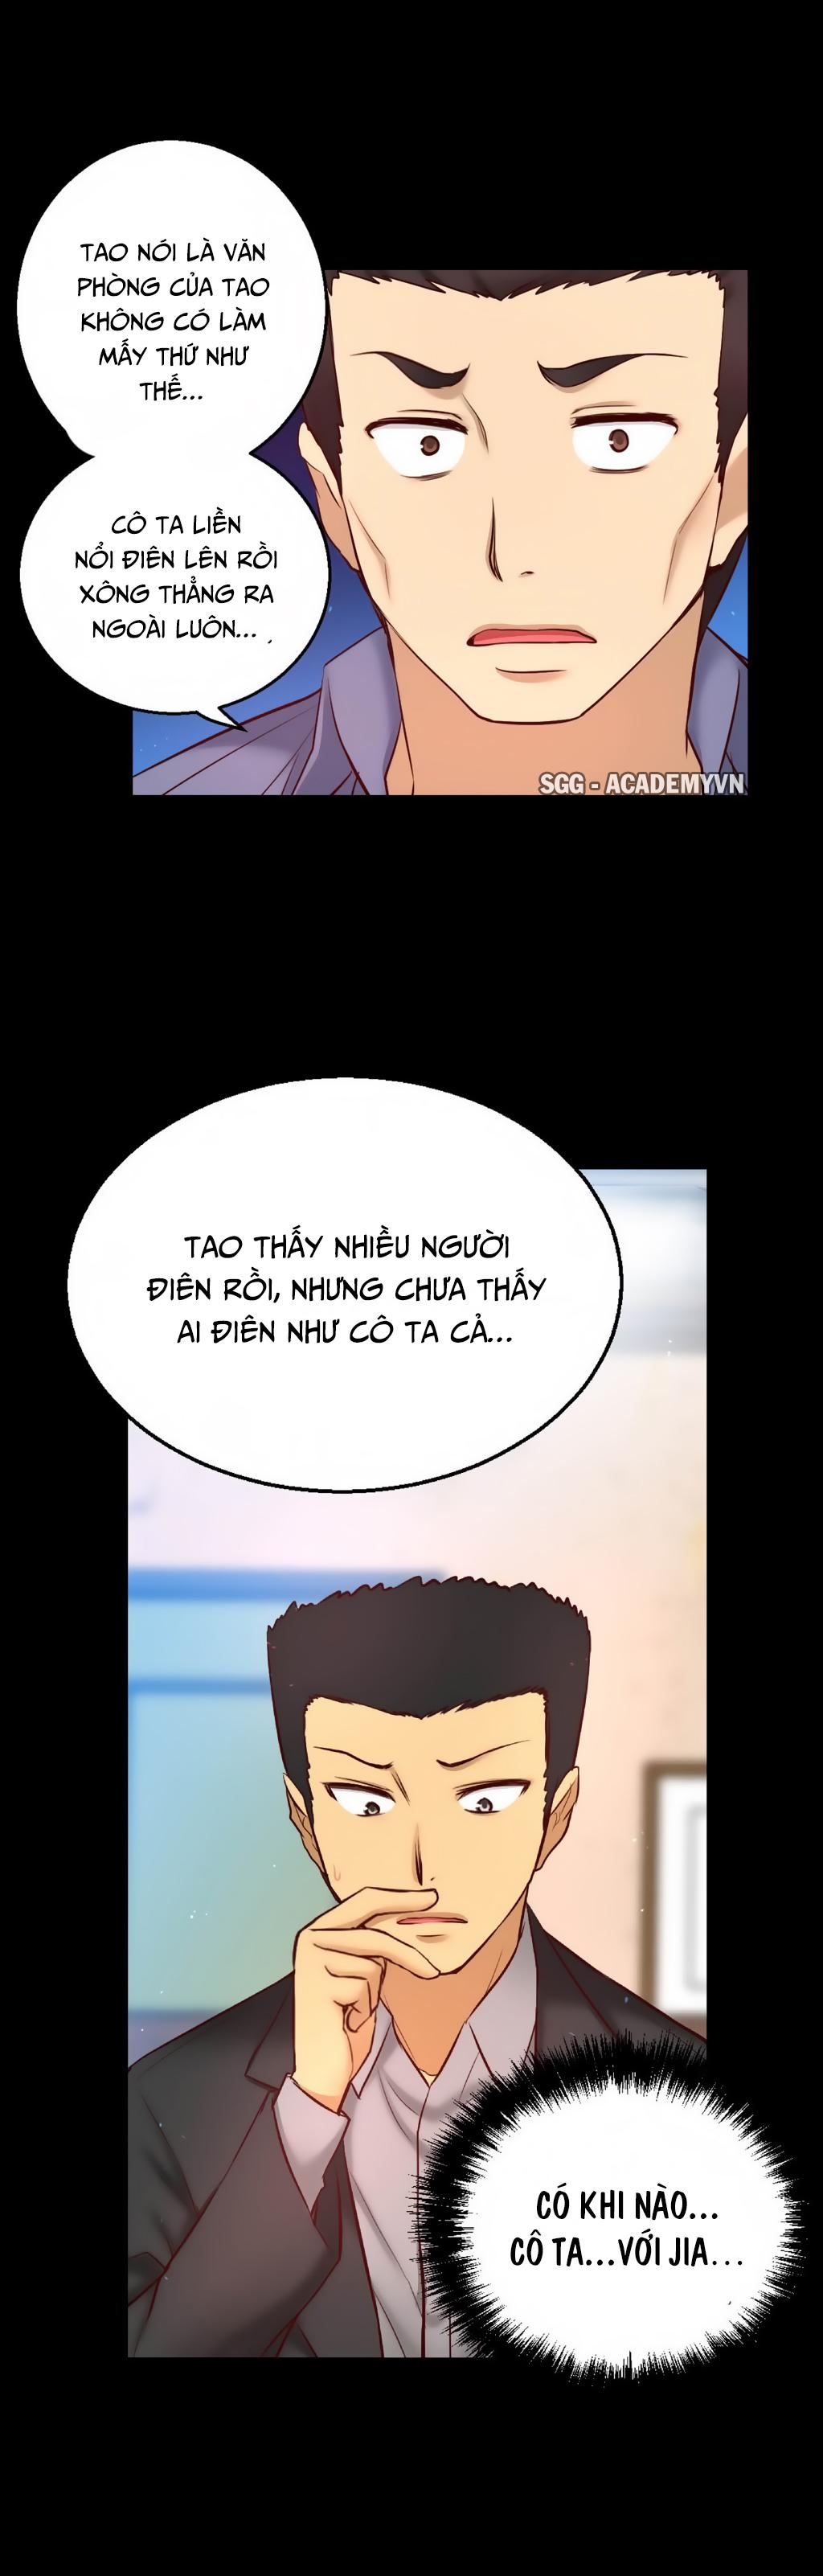 Hình ảnh h018 in [Siêu phẩm Hentai] Little Girl Full